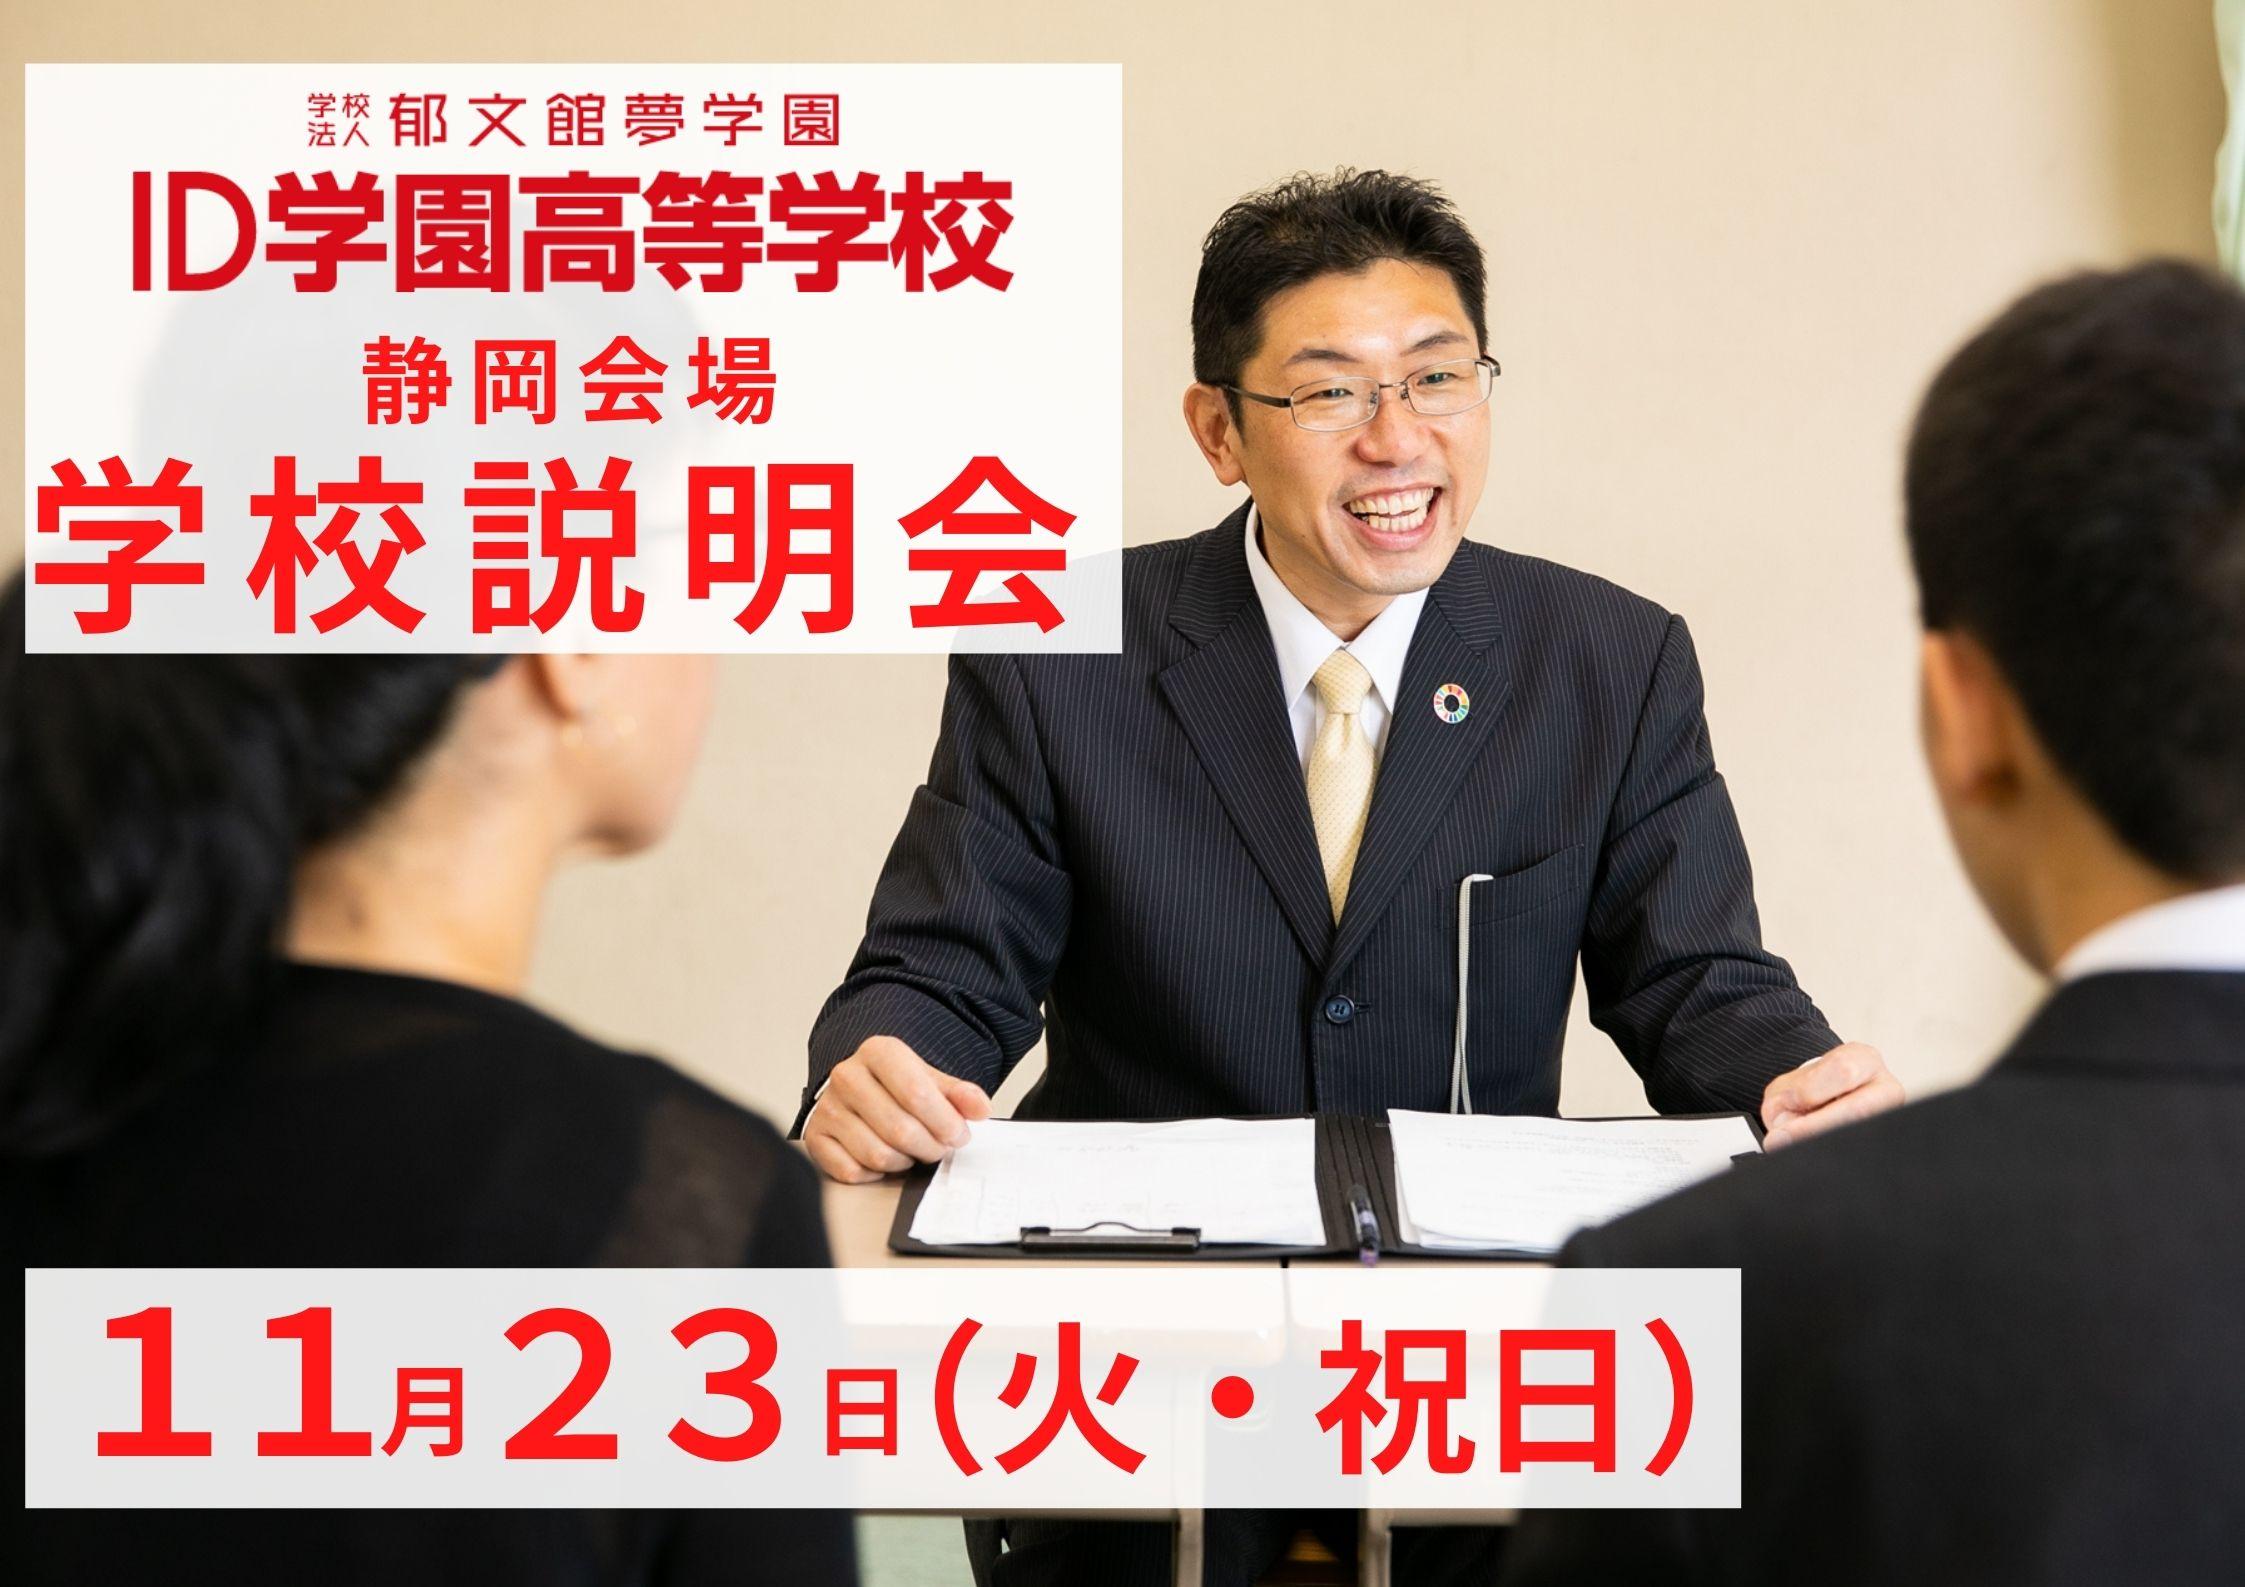 <静岡会場>学校説明会 11月23日